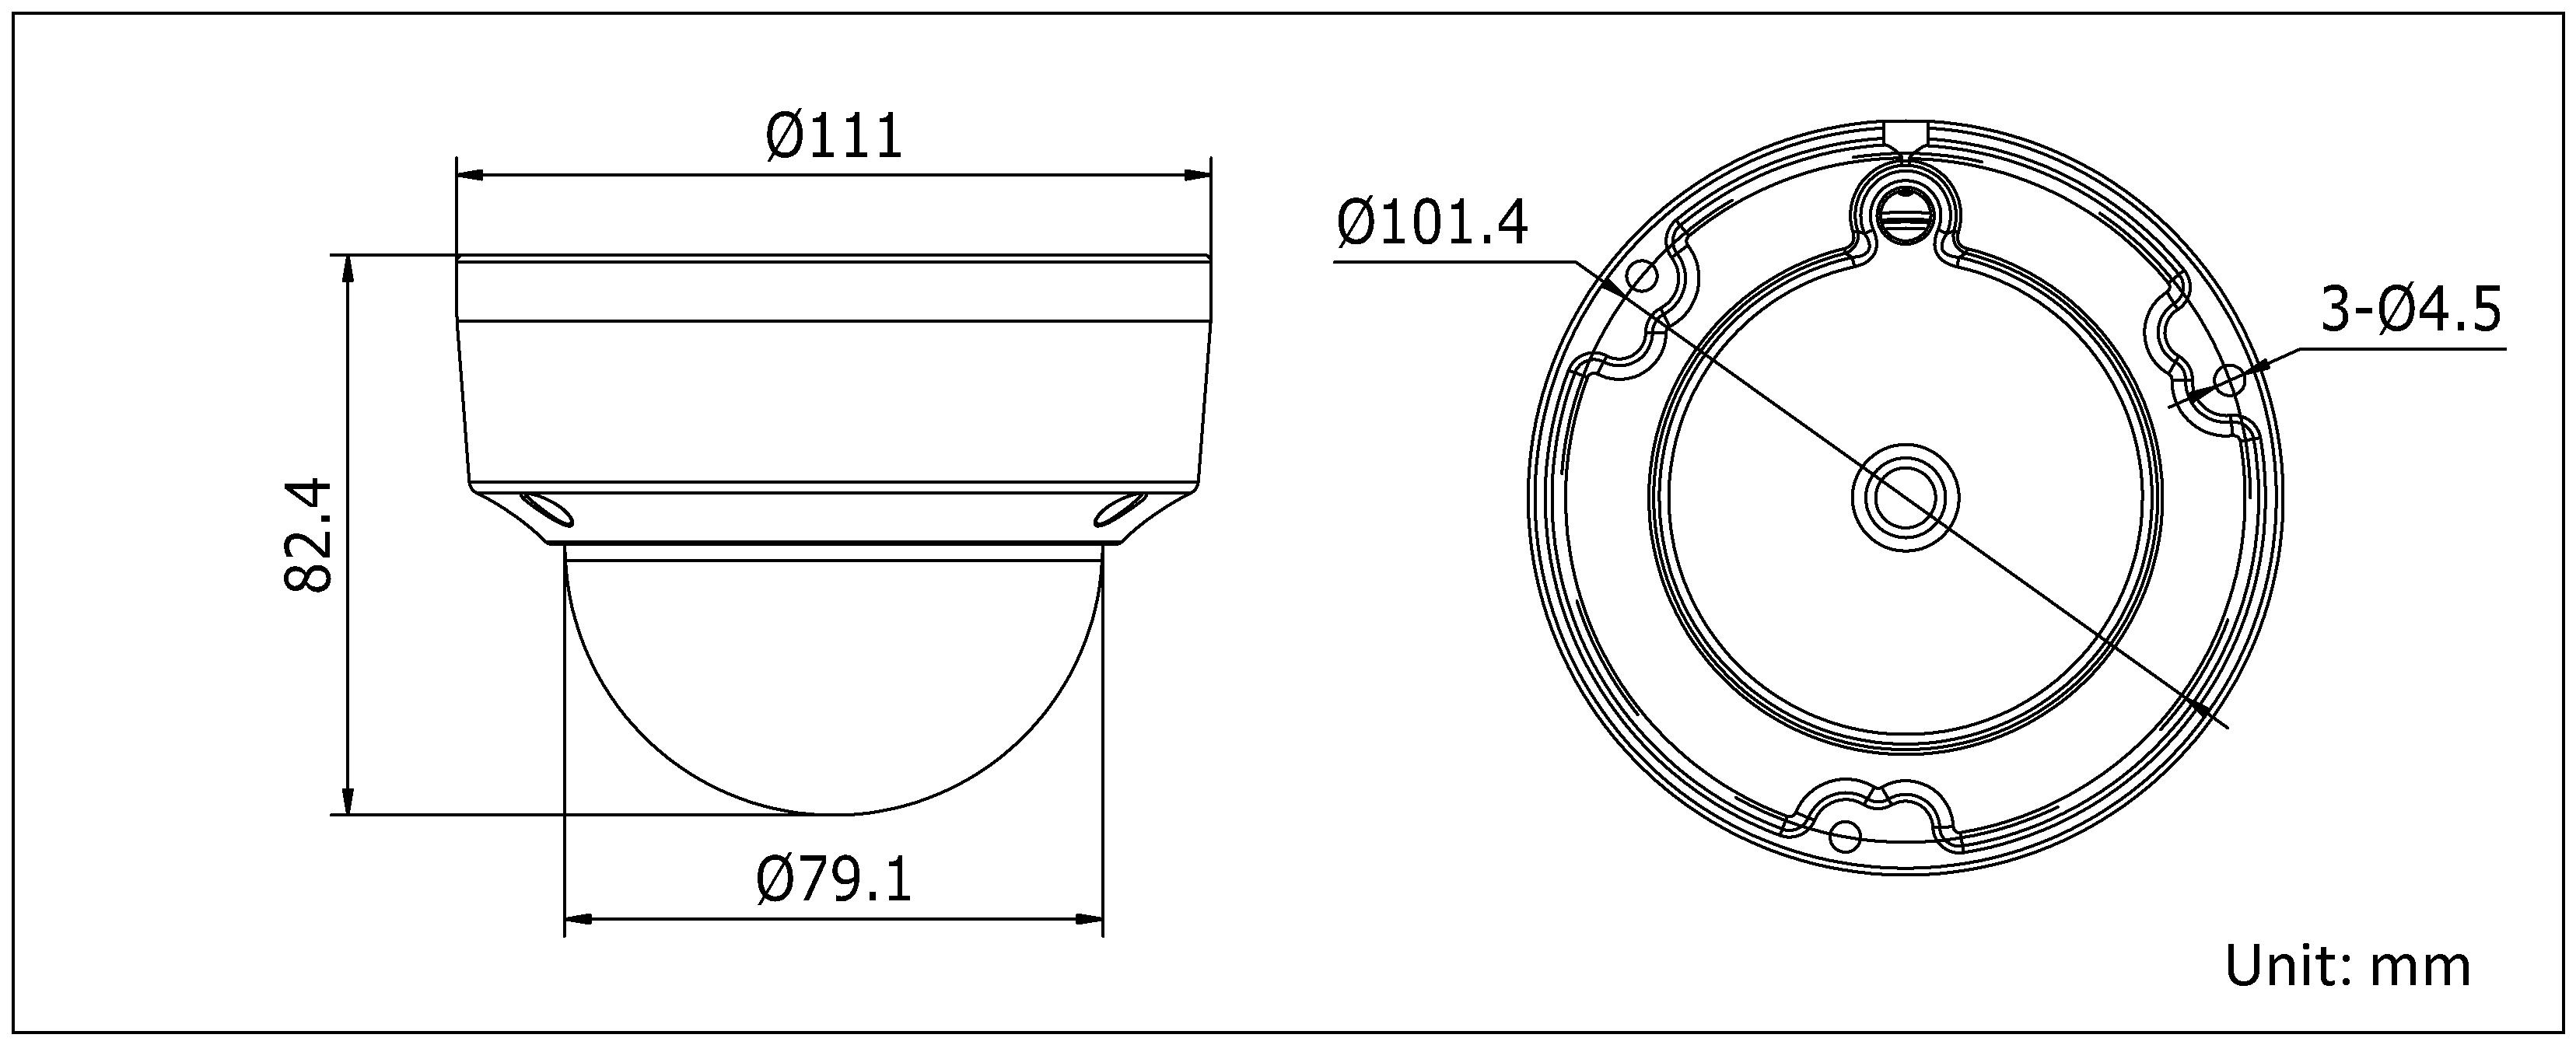 海康威视 DS-2CD2132(D)-(I) 300万1/3 cmos icr日夜型半球网络摄像机尺寸